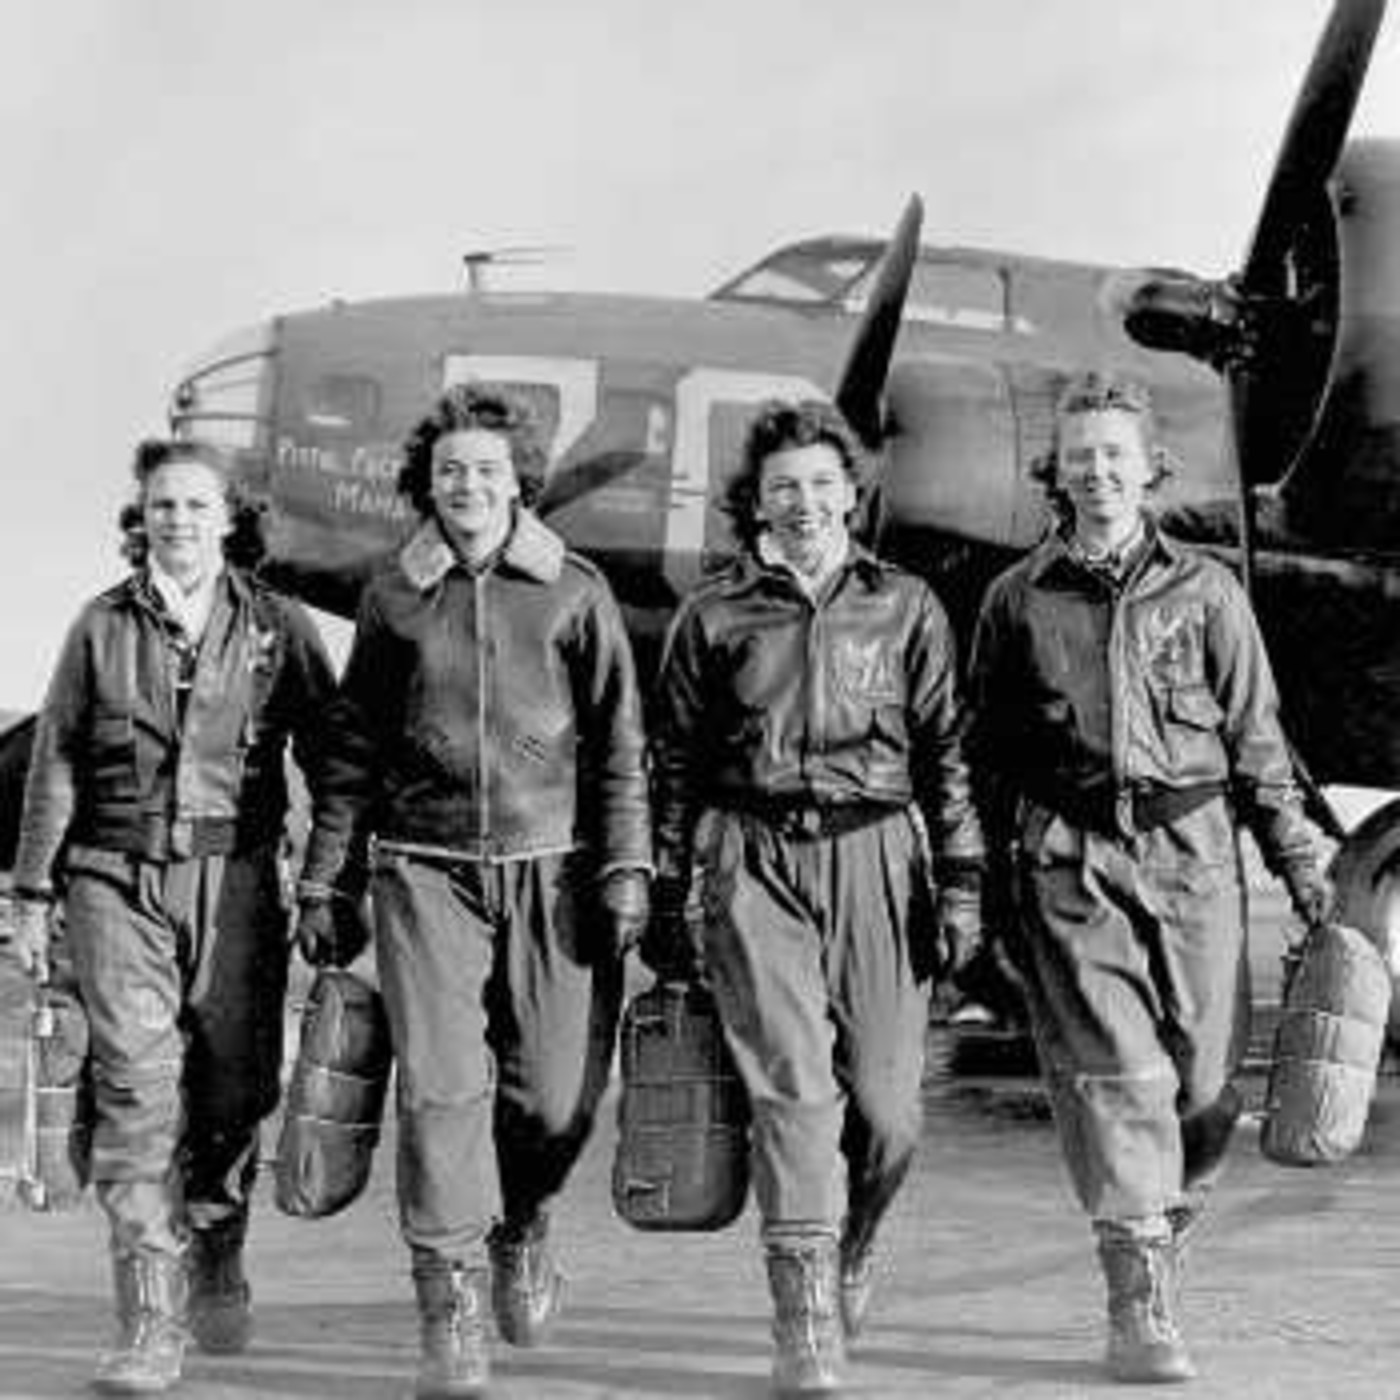 EstíoCast 28 - W.A.S.P. Las mujeres piloto de la U.S.A.F. durante la II Guerra Mundial